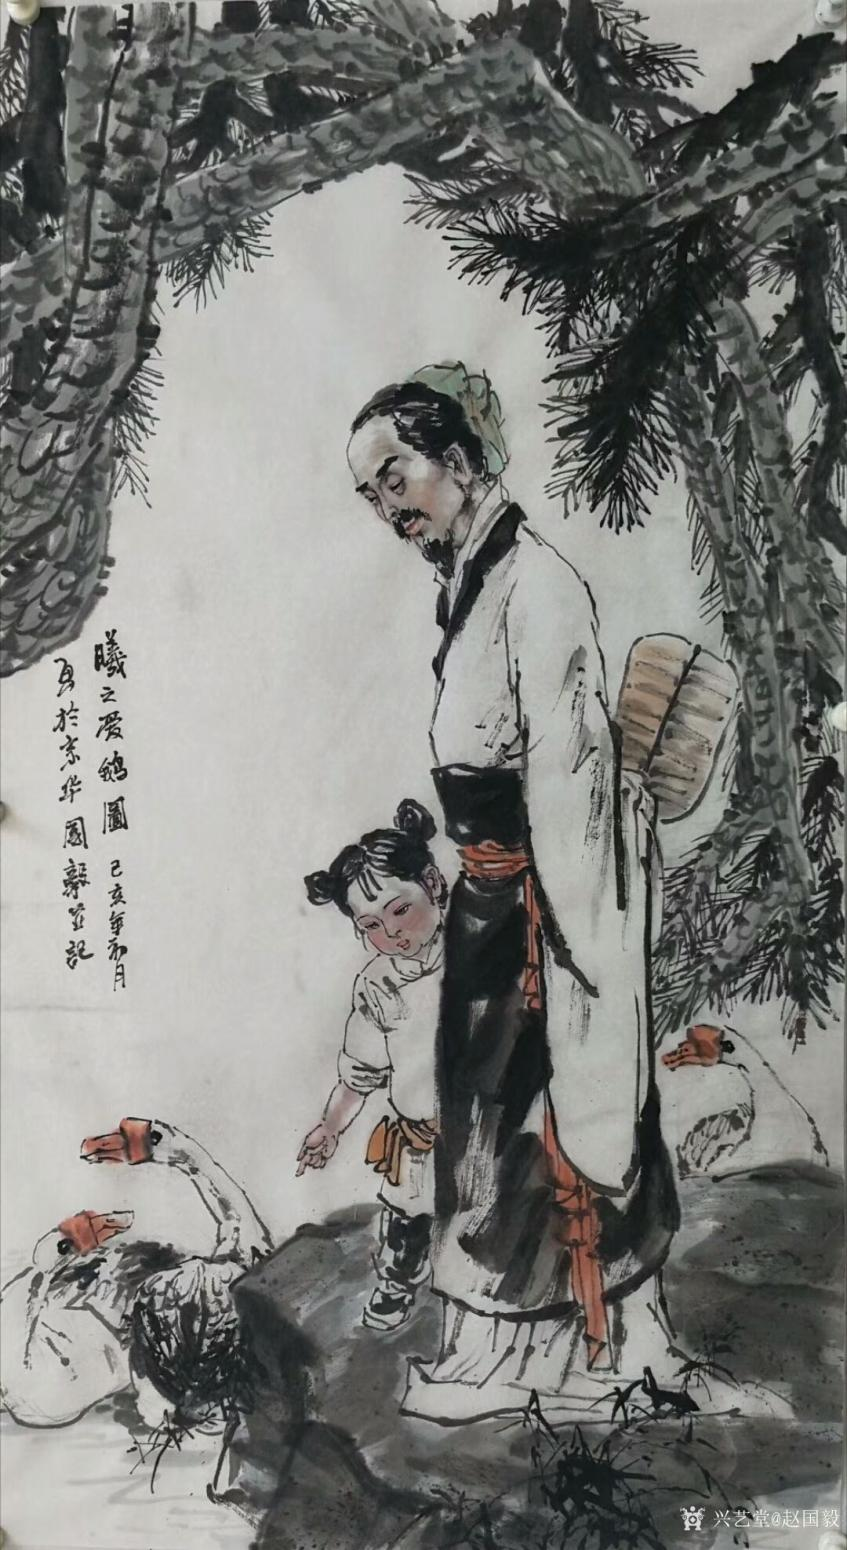 赵国毅国画作品《人物画—羲之爱鹅图》